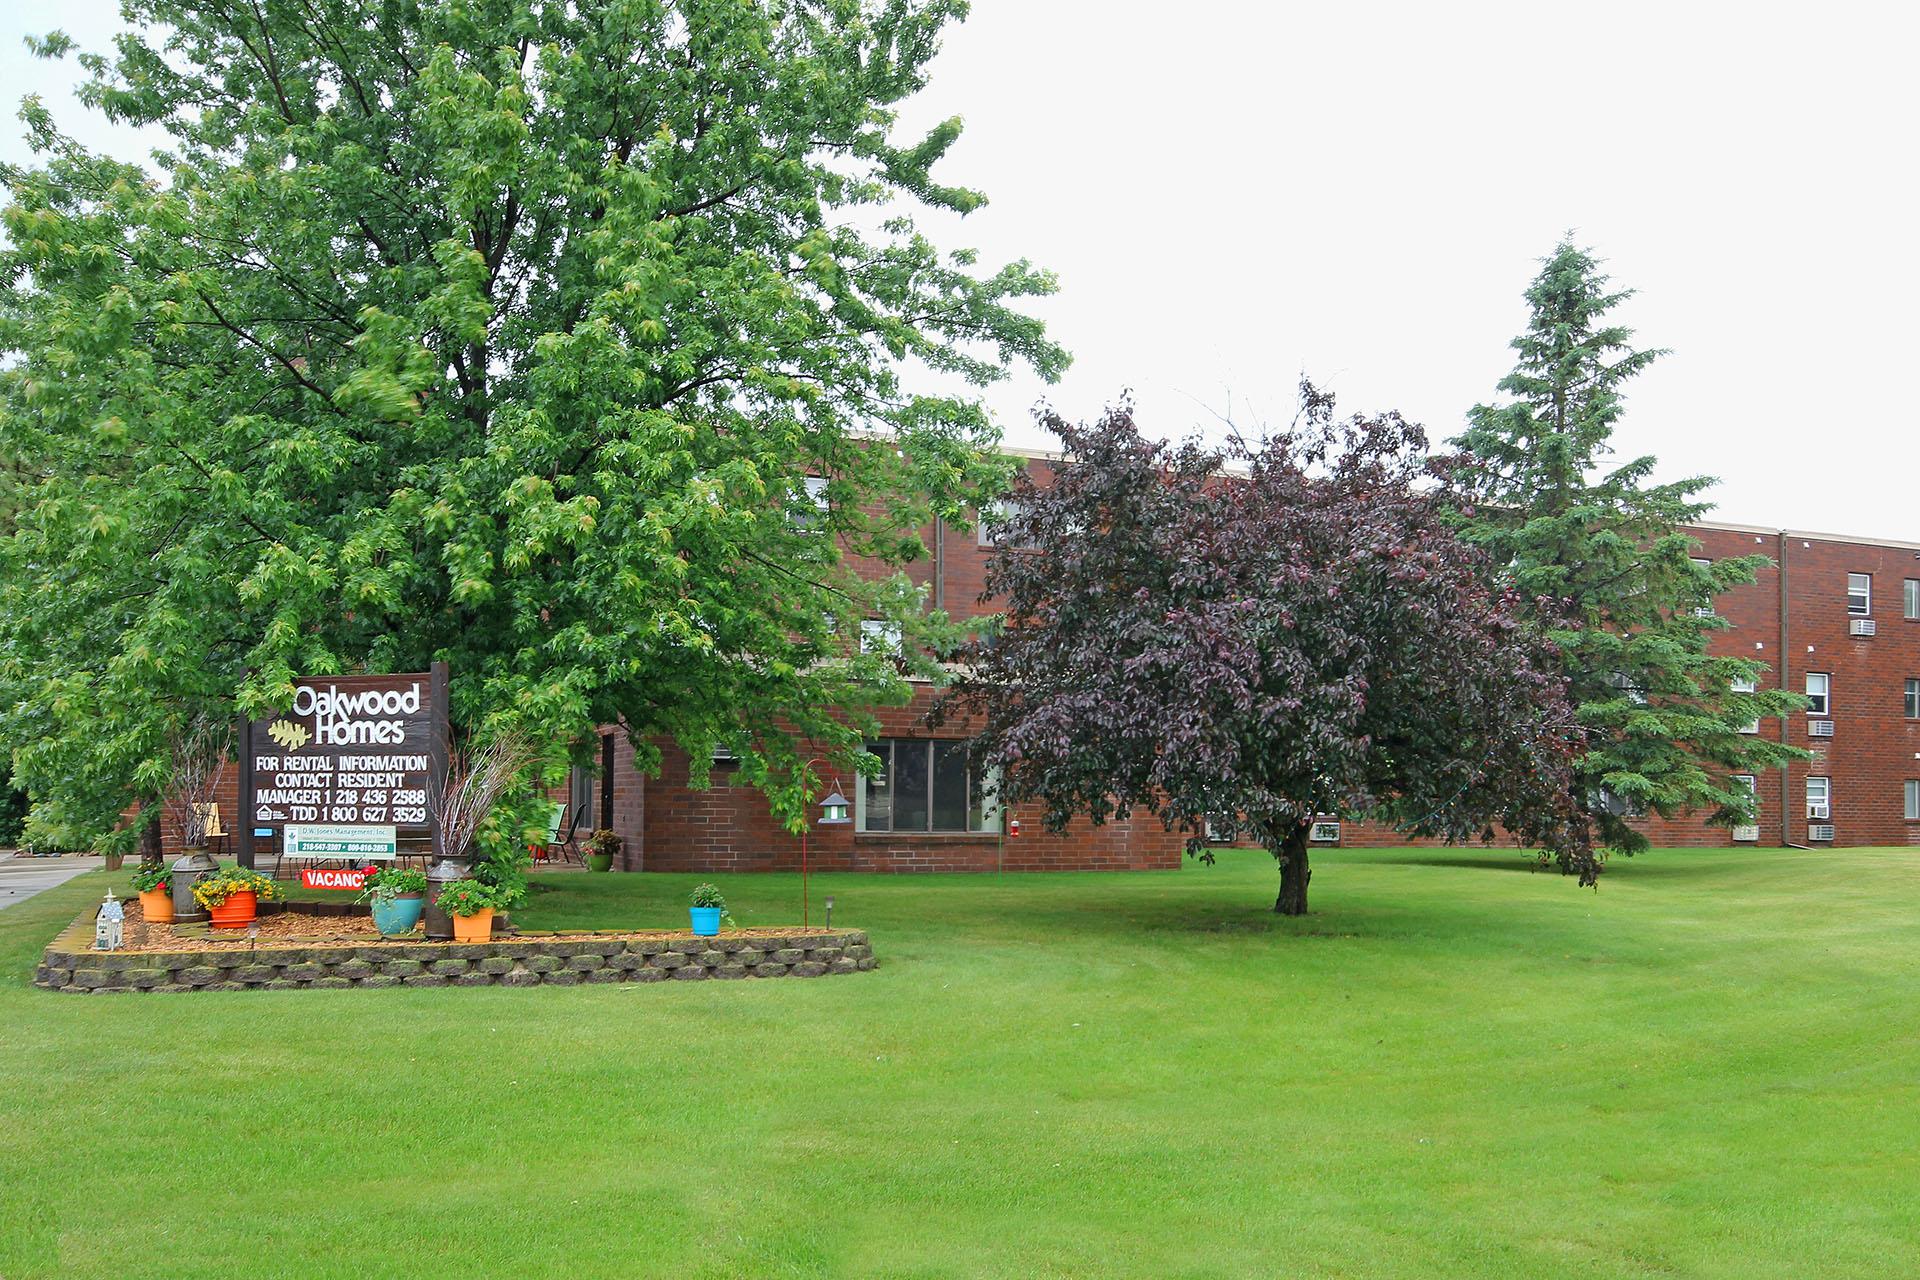 Image of Oakwood Homes